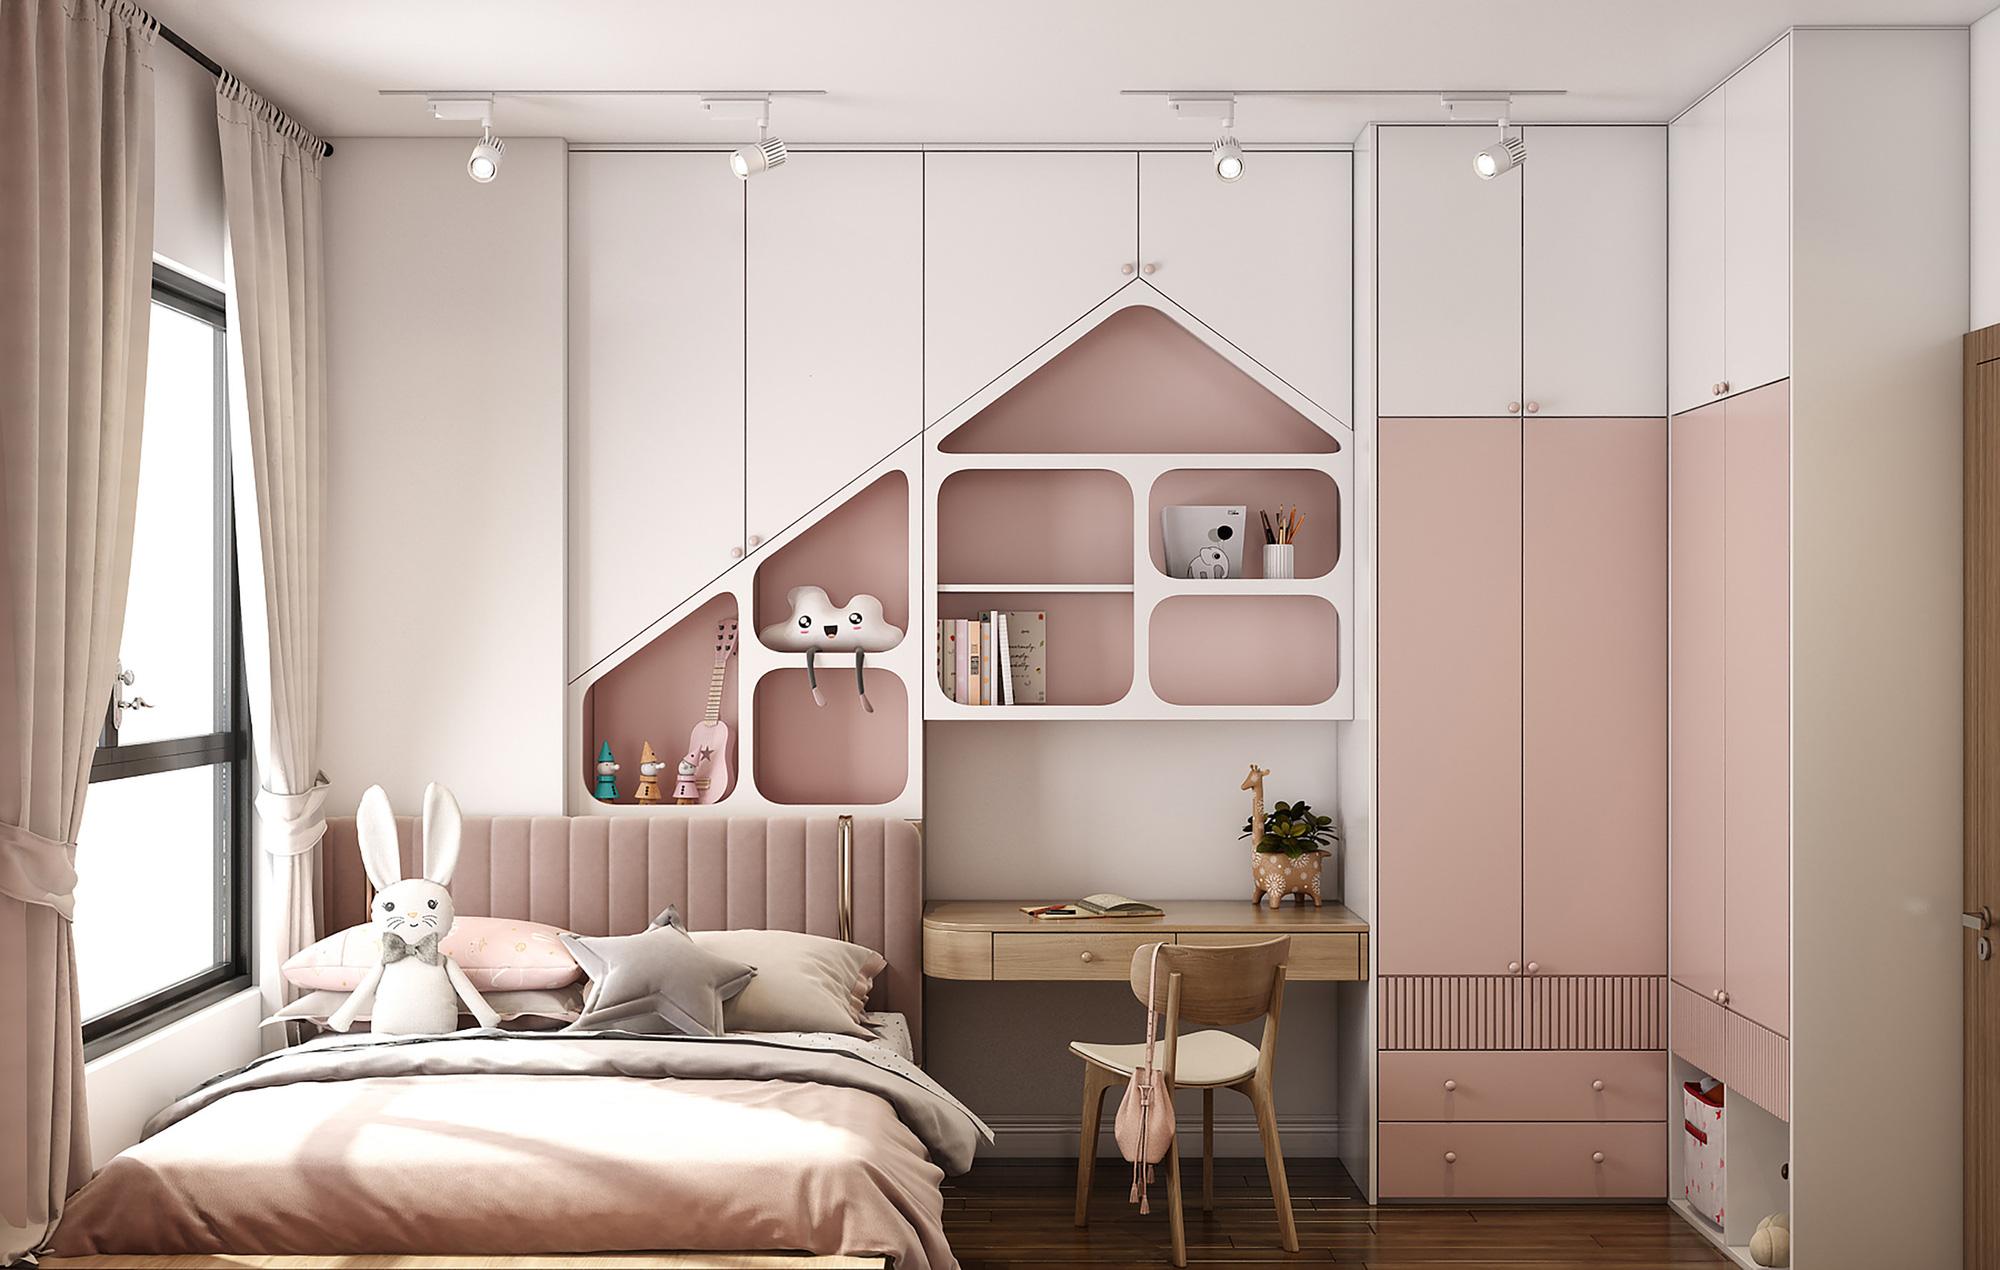 Kiến trúc sư tư vấn thiết kế căn hộ 76m² 2 phòng ngủ với chi phí tiết kiệm chỉ 189 triệu - Ảnh 9.